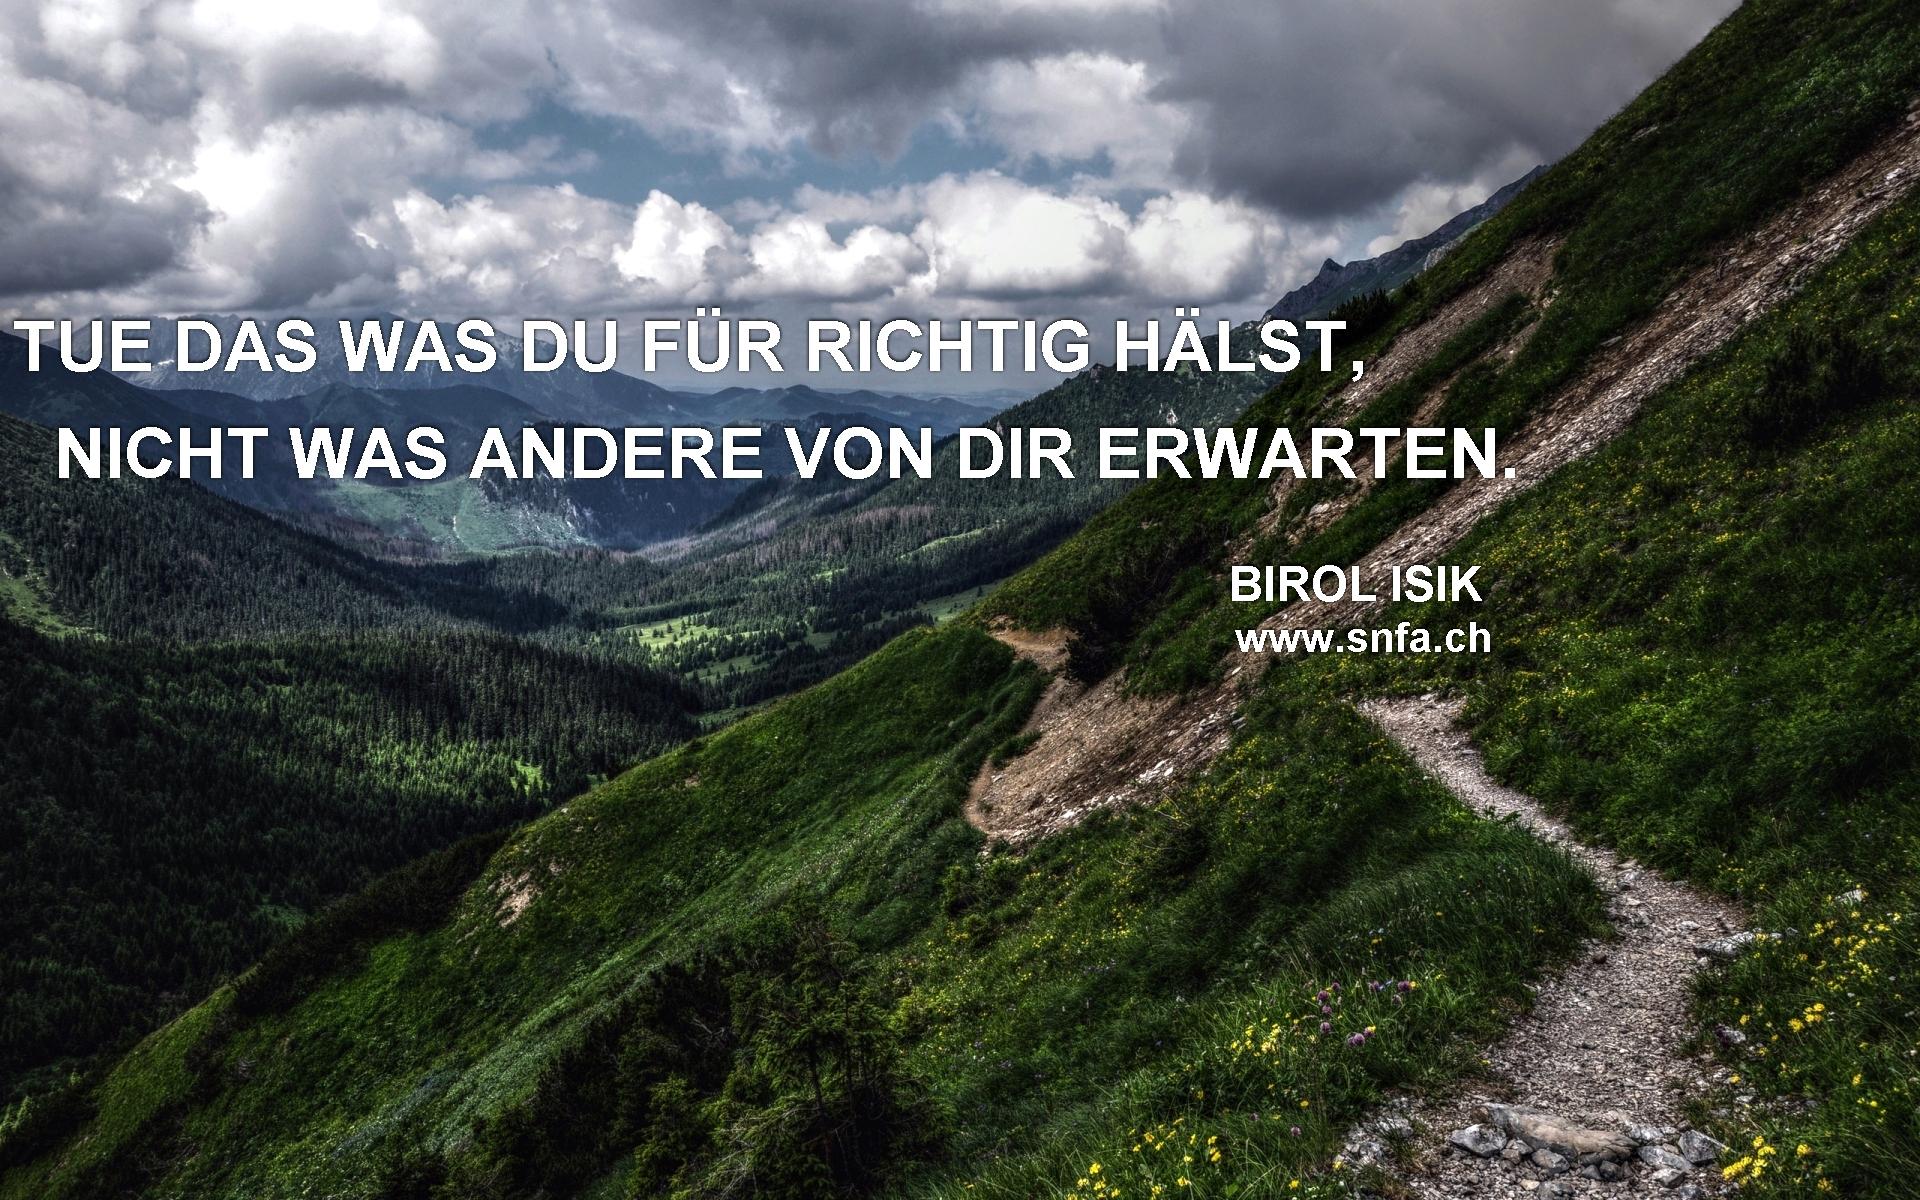 Birol Isik - Erfolgreich im Leben